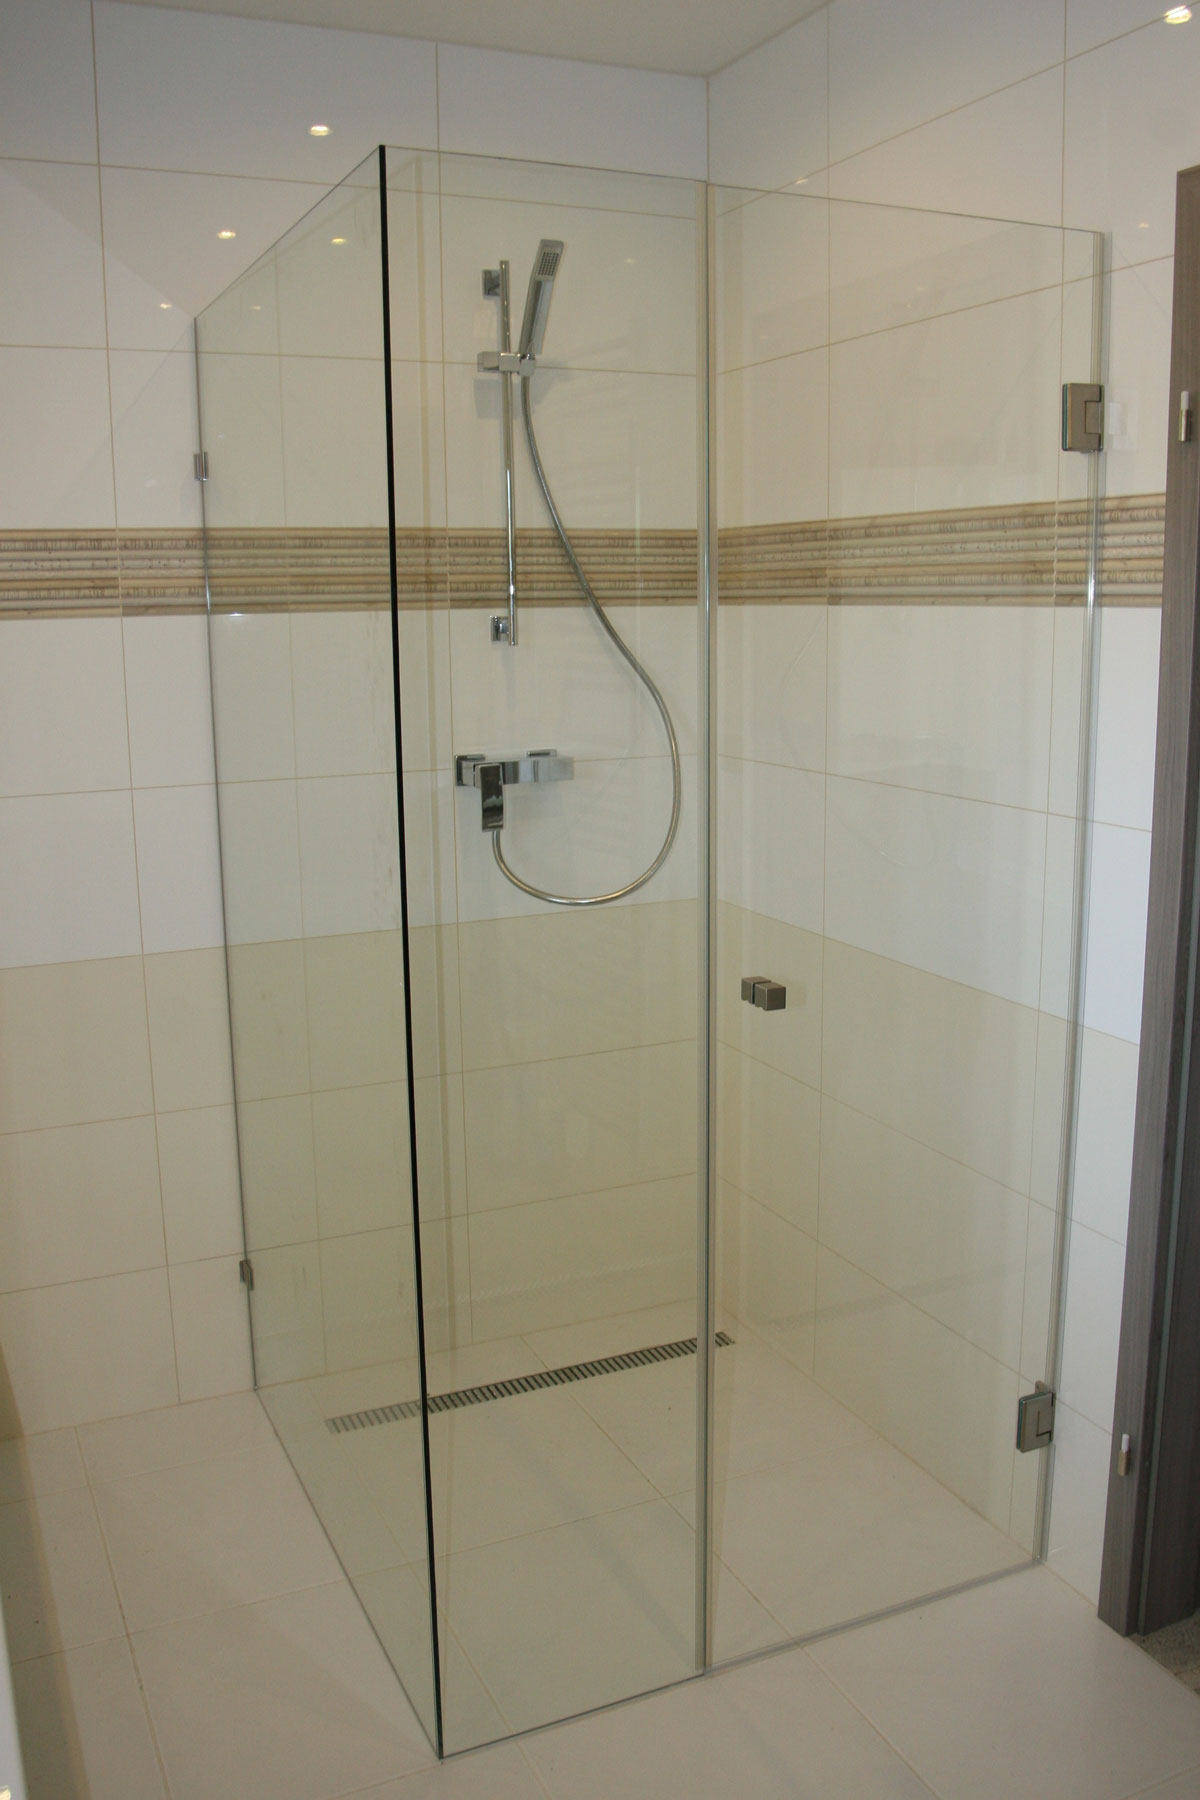 Sklenarstvi-Prerost-sprchove- kouty-a-sprchy (18)